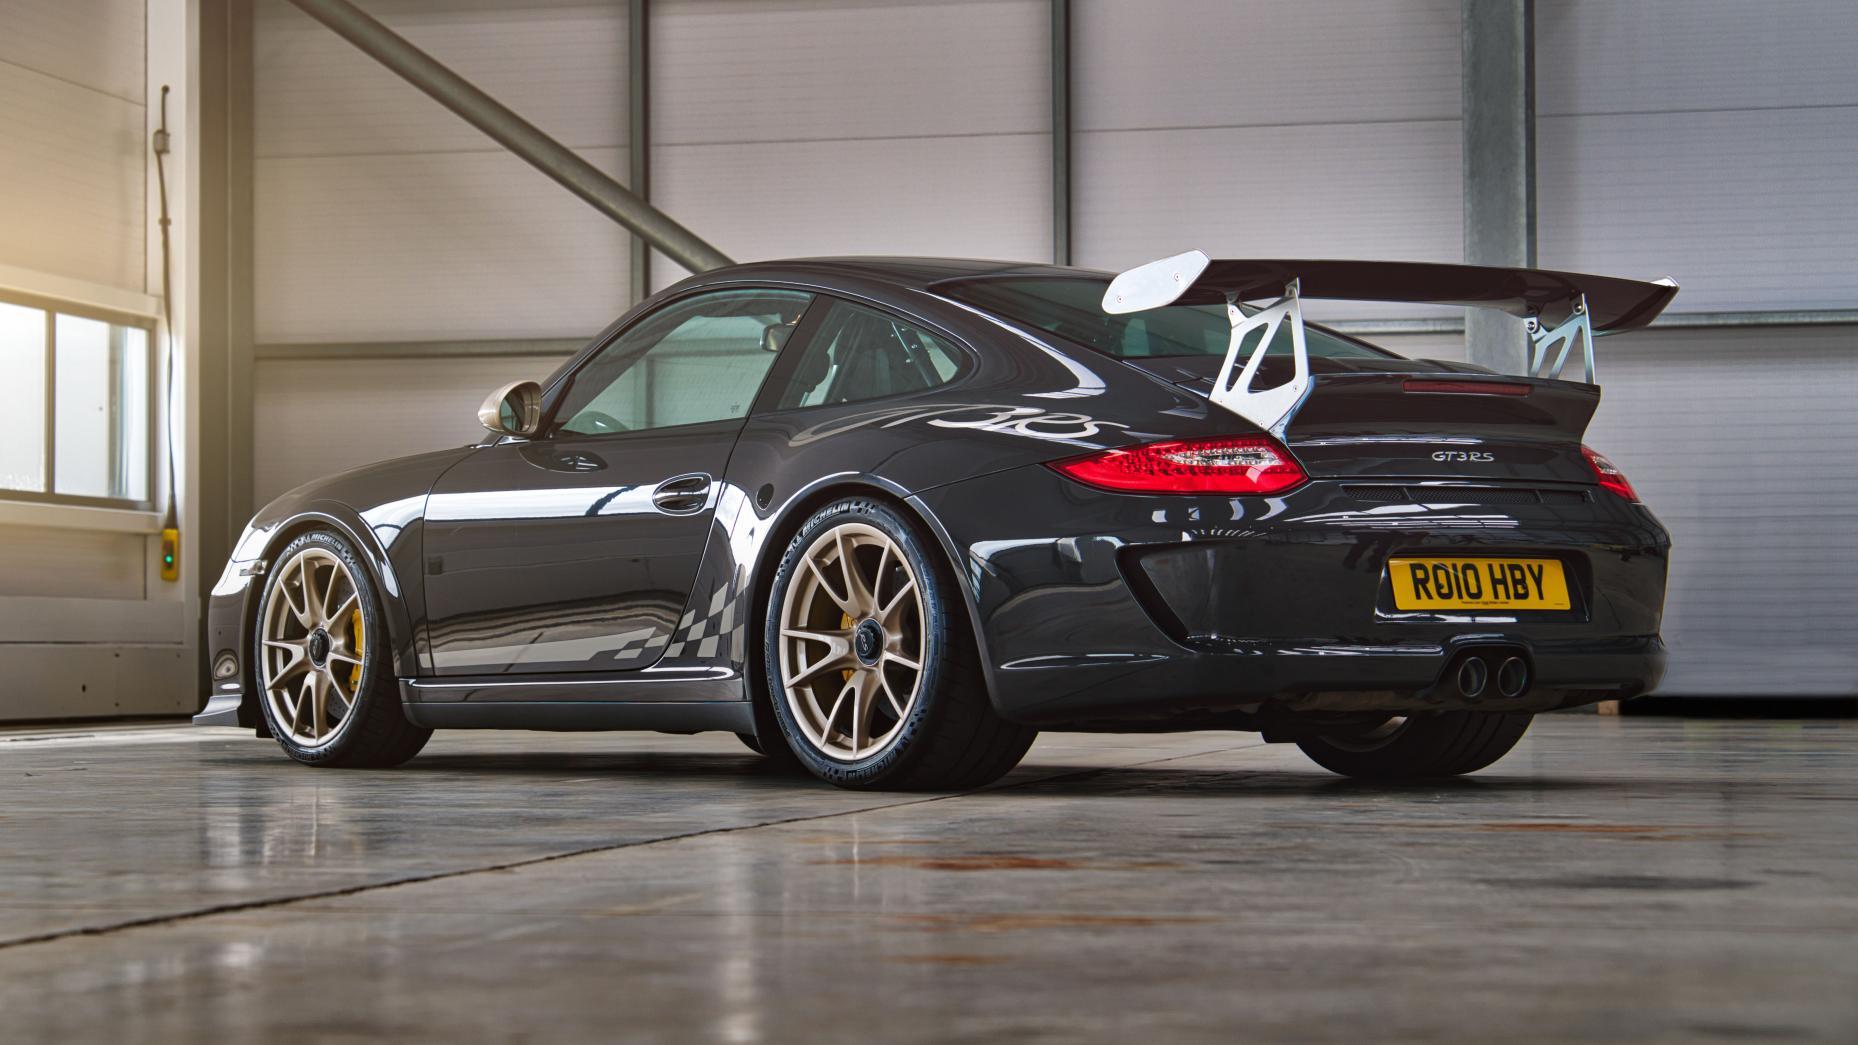 Porsche 911 997.2 GT3 RS